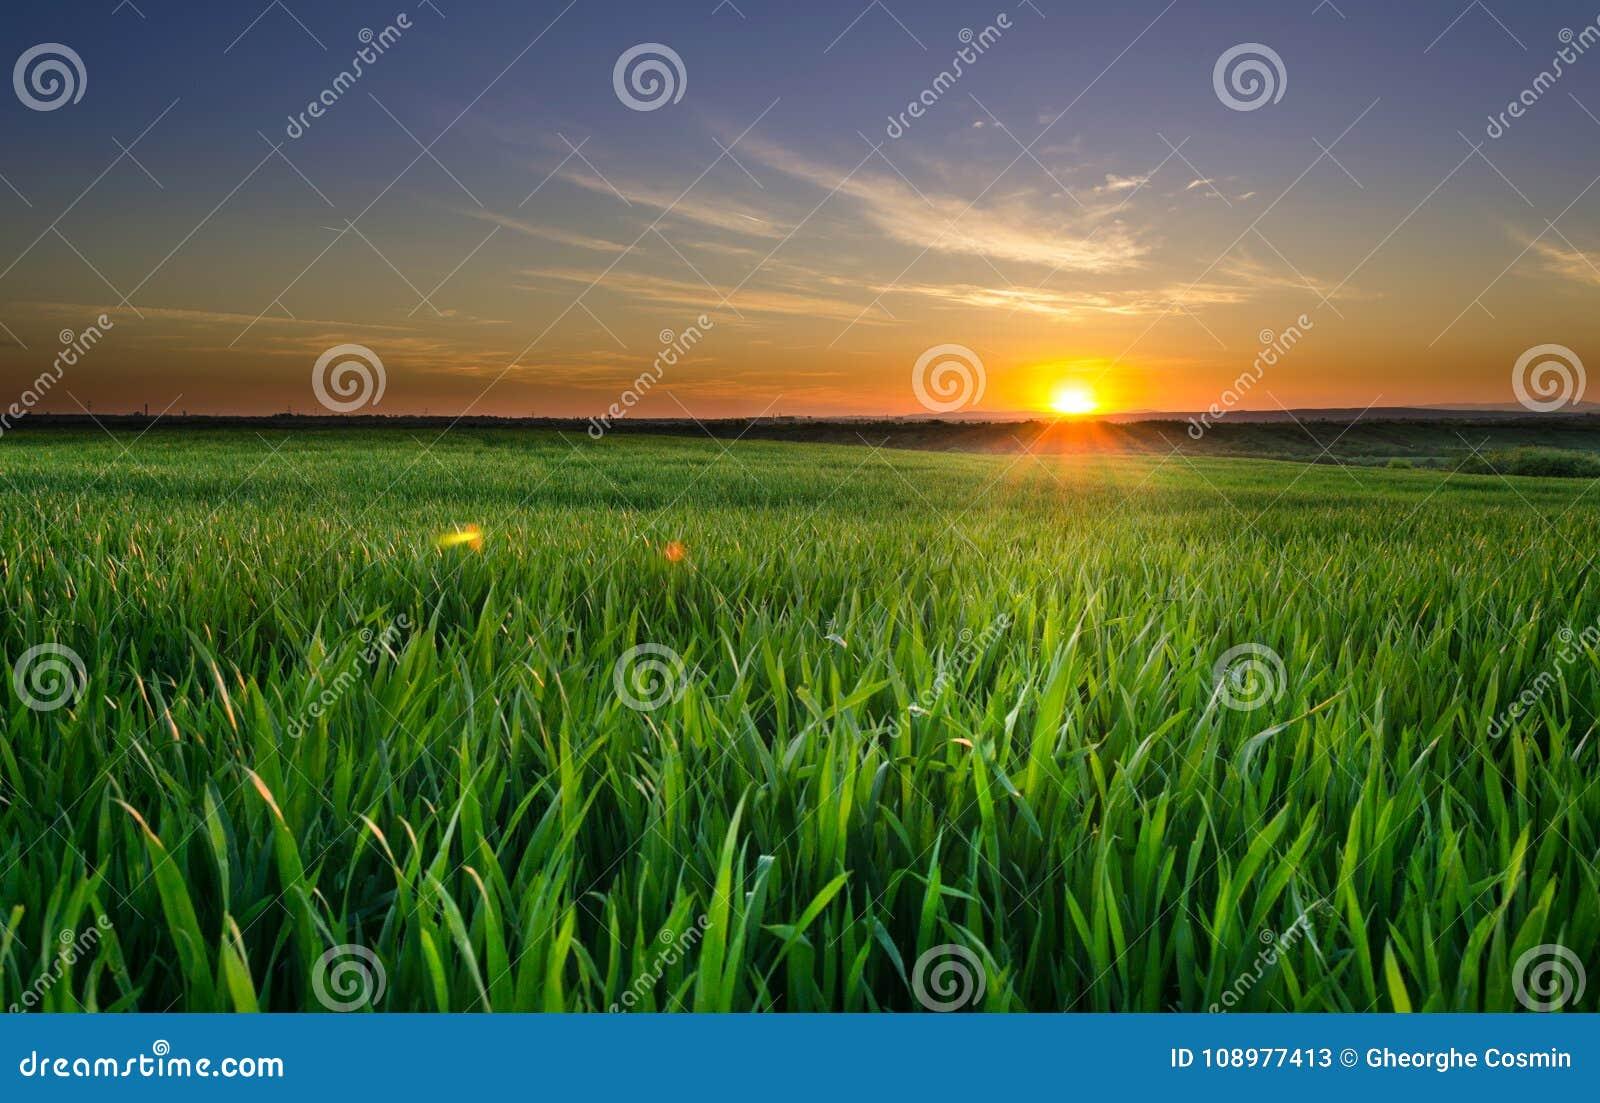 Coucher du soleil dans le domaine de blé